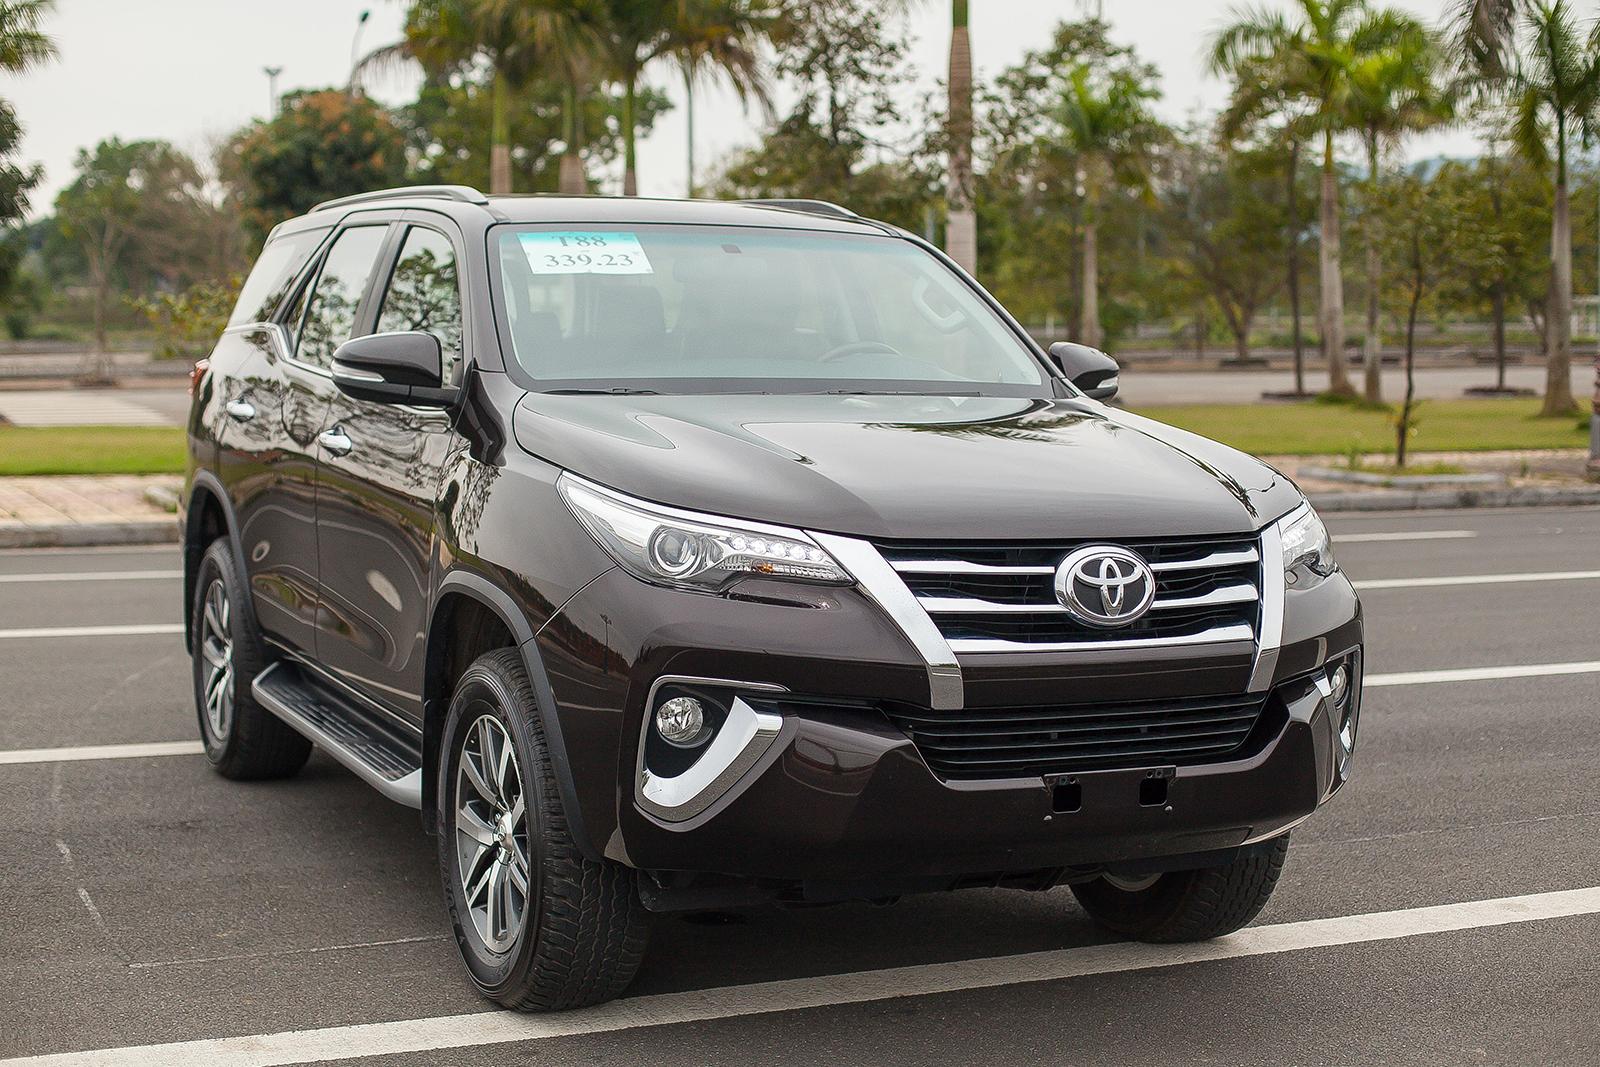 Toyota Fortuner 2017: Như hổ thêm cánh - Ảnh 3.